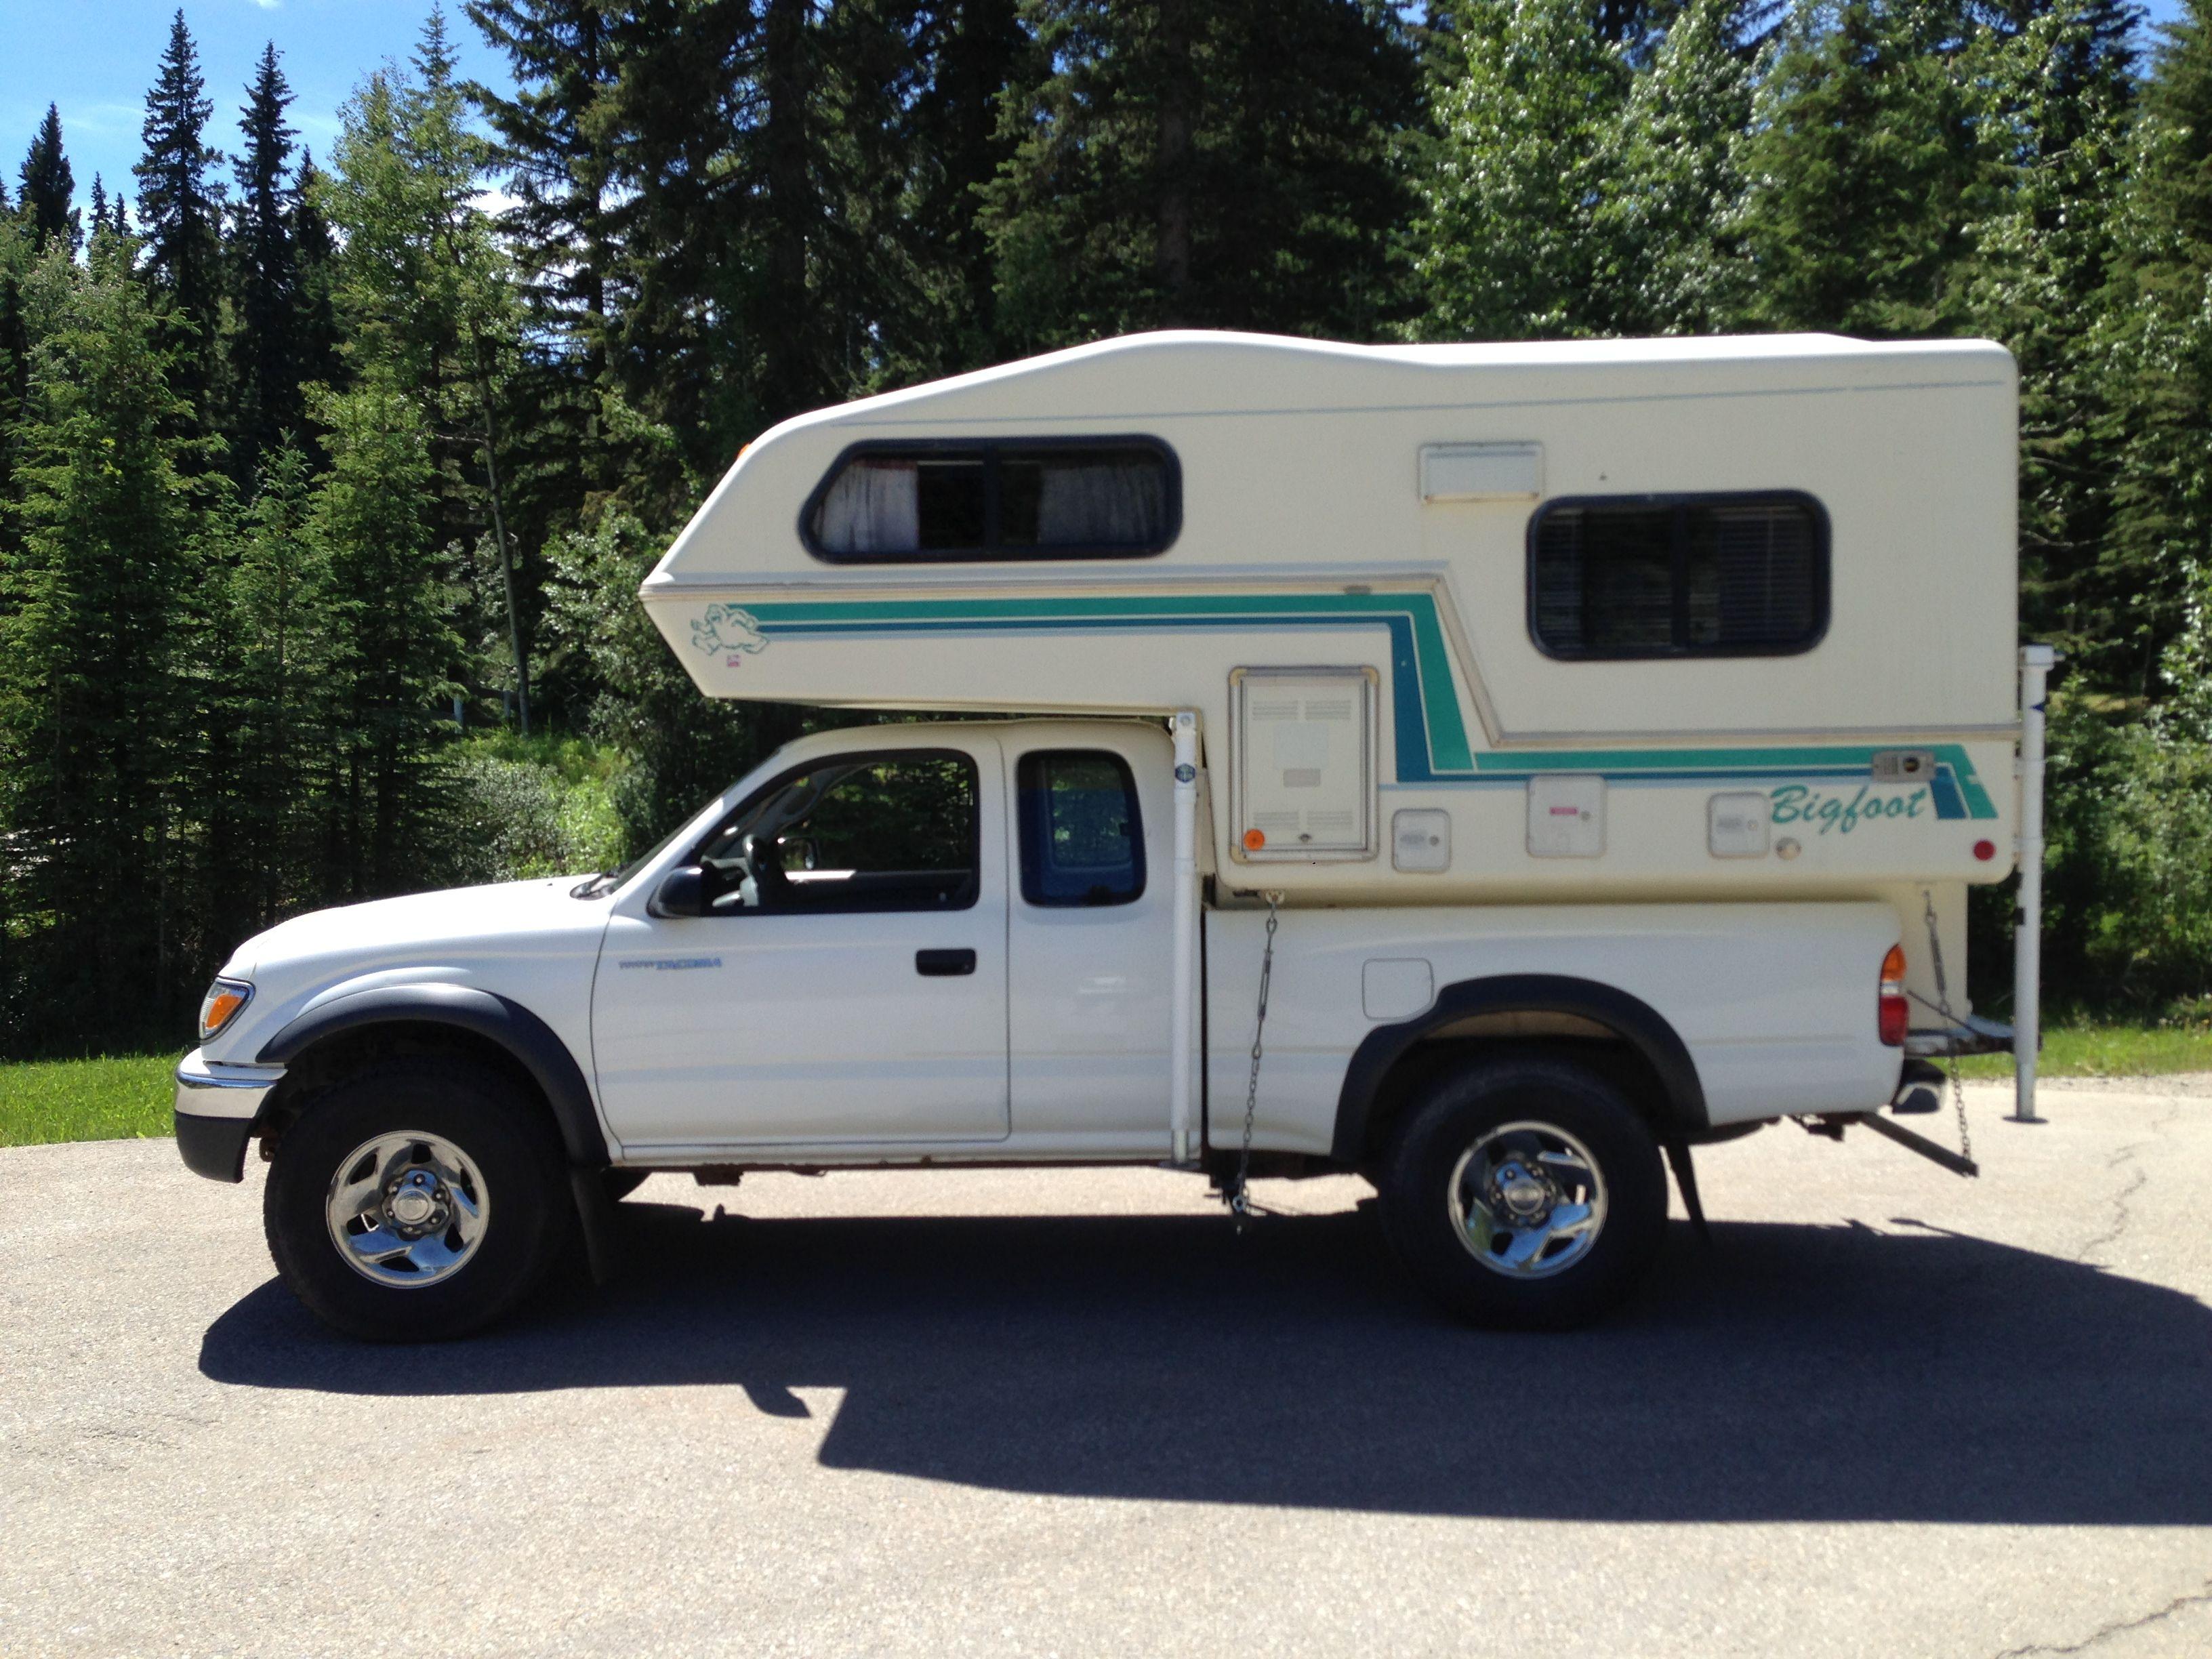 Aliner expedition for sale craigslist - 2003 Toyota Tacoma 4x4 V6 1994 Bigfoot 6 11 Import Truck Camper